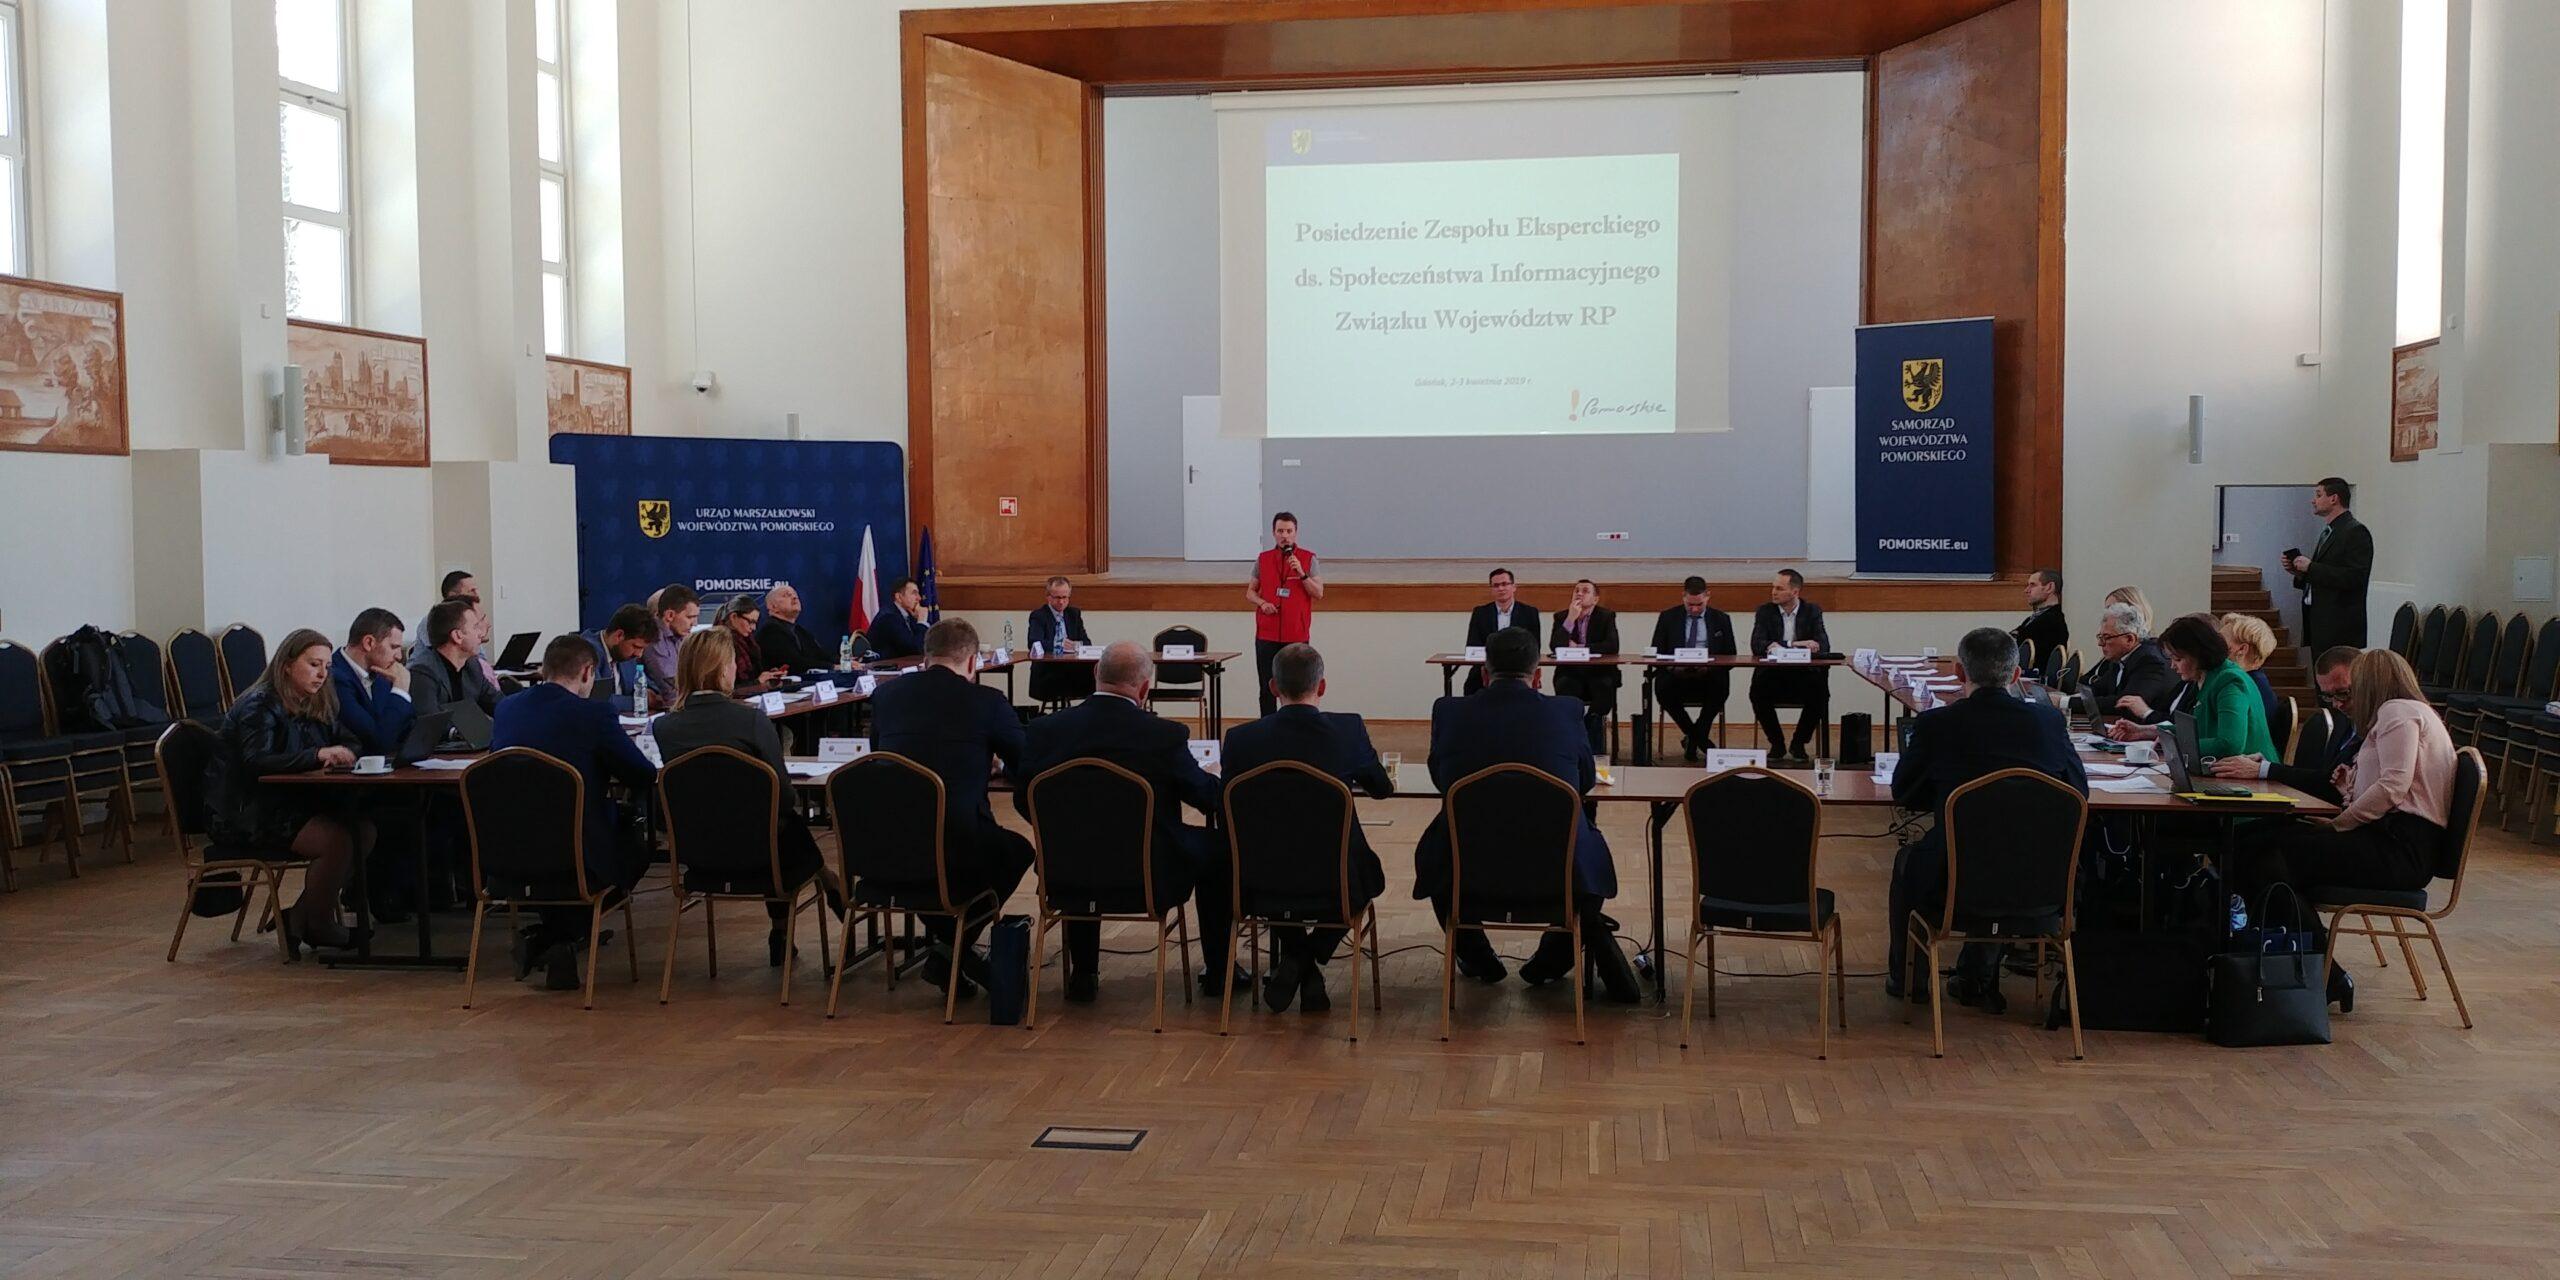 Posiedzenie Zespołu do spraw Społeczeństwa Informacyjnego przy Związku Województw RP